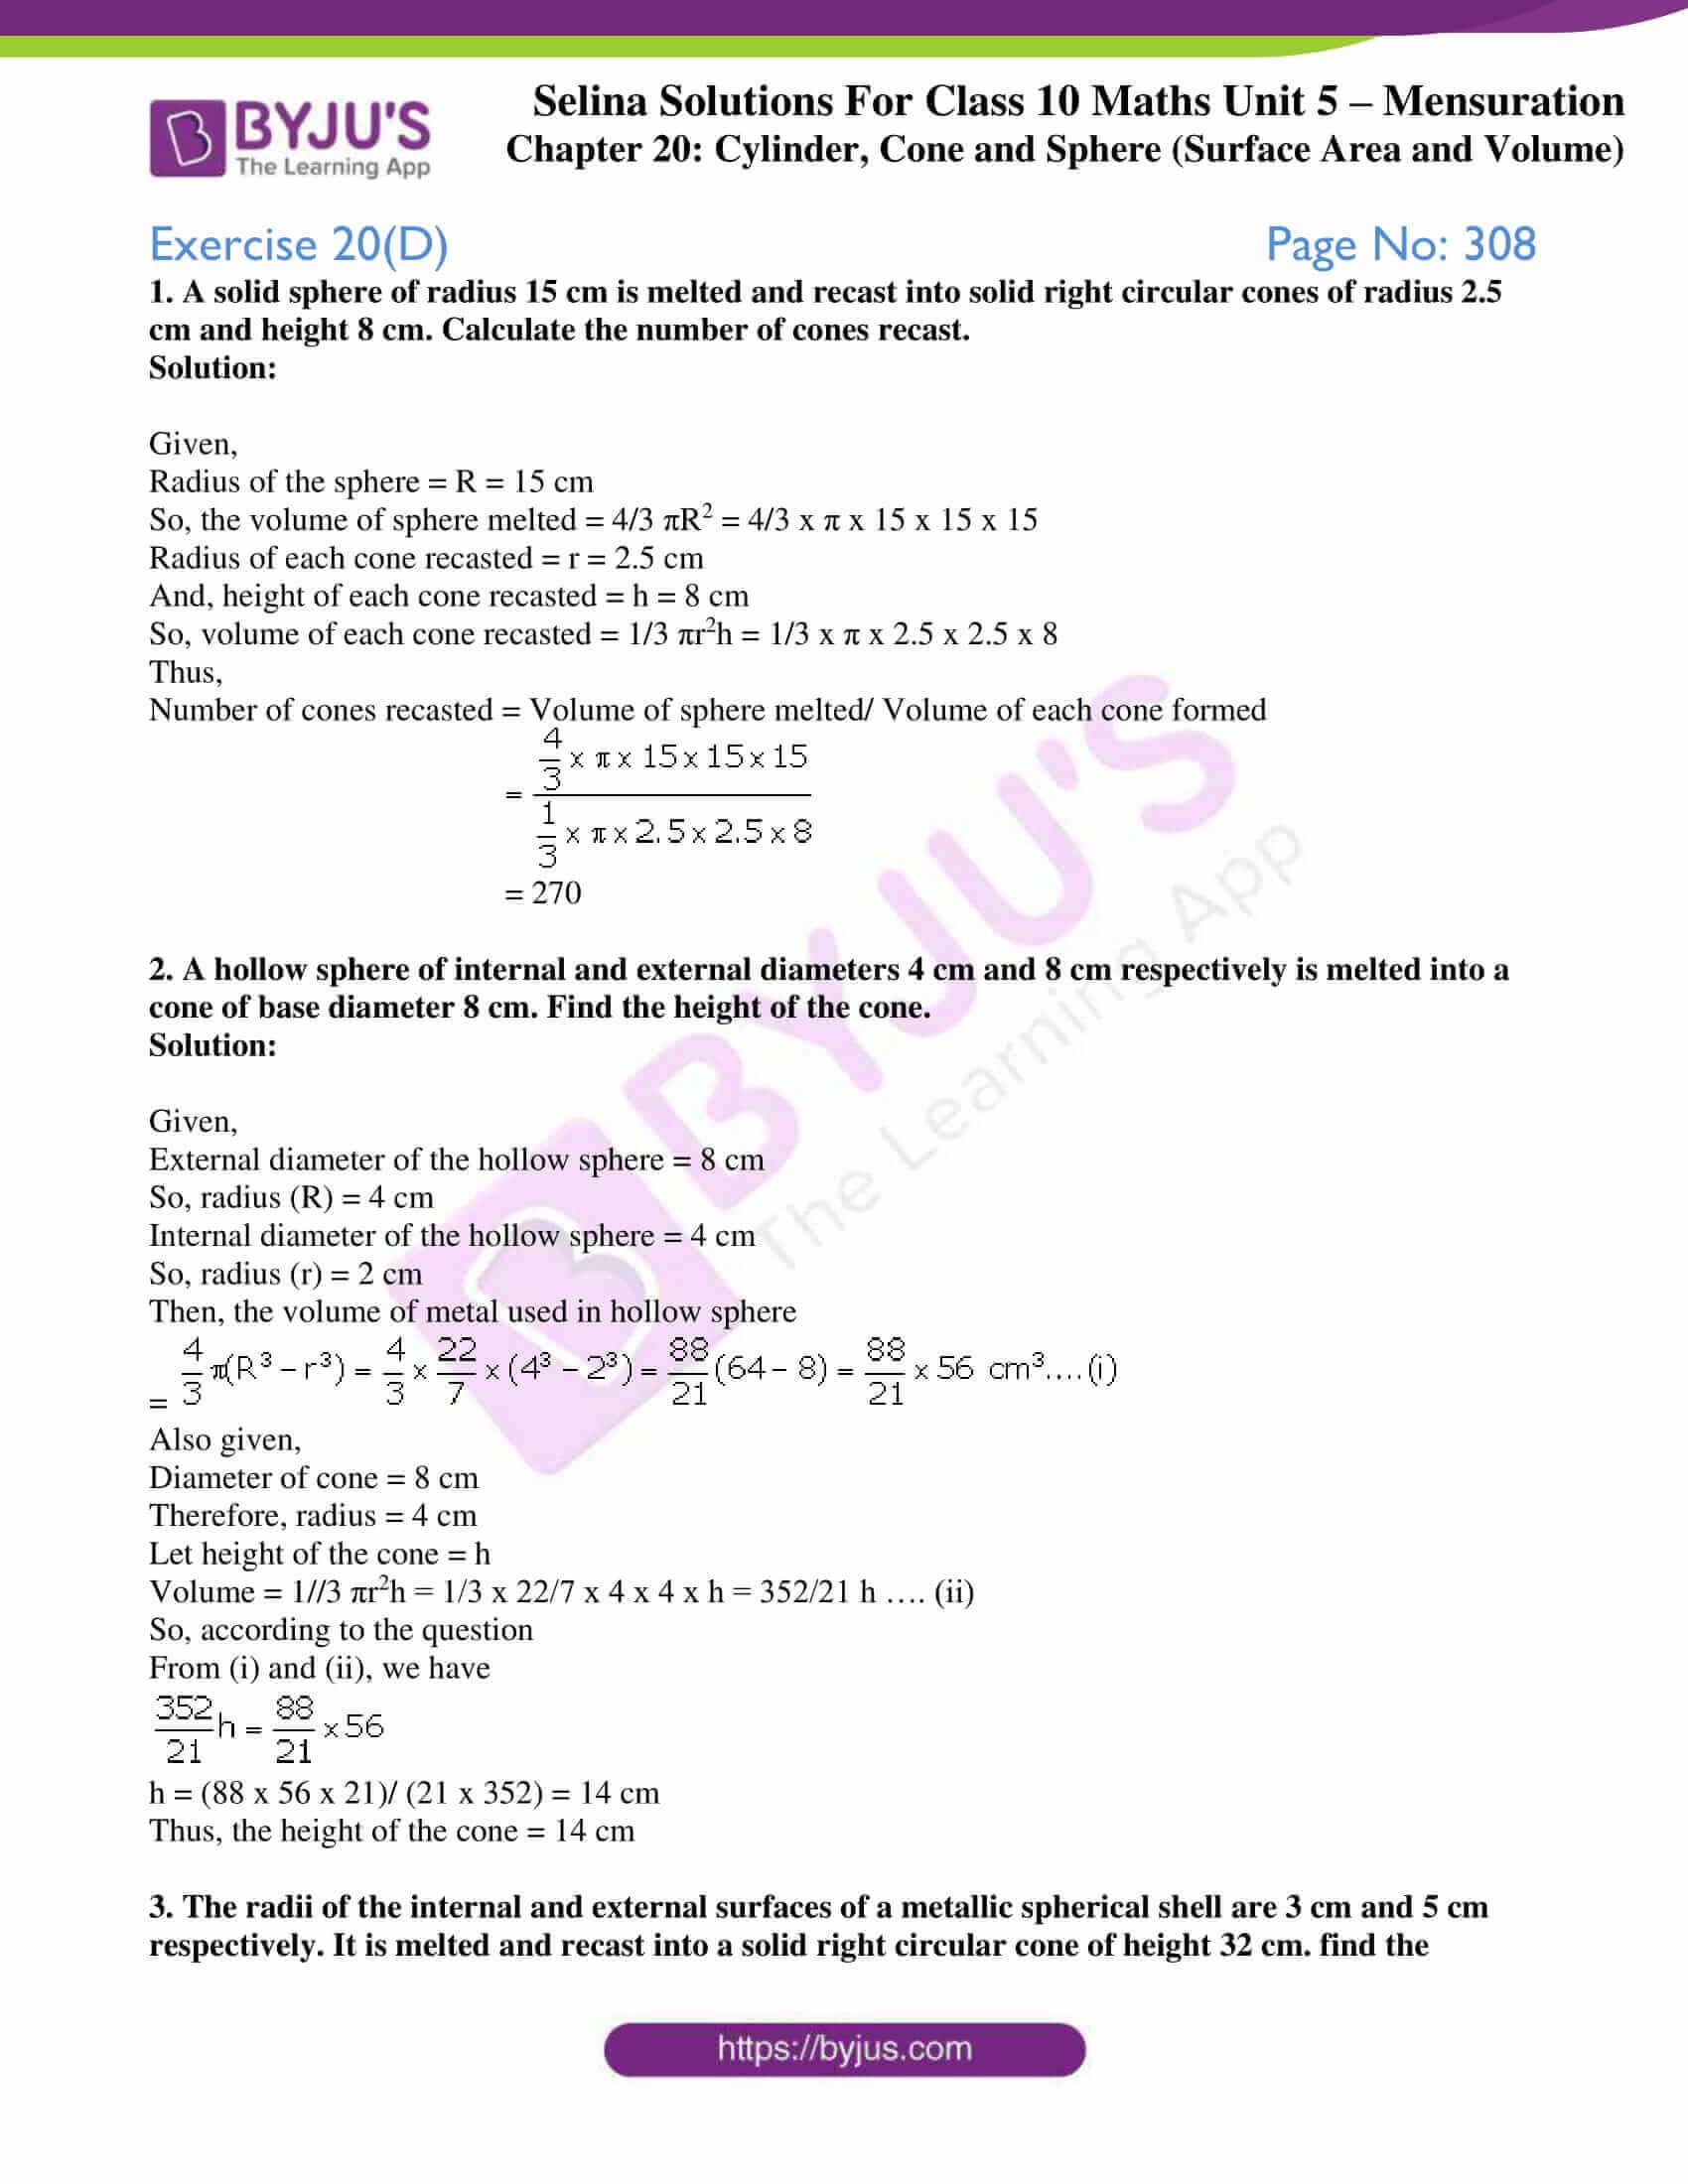 selina-sol-maths-class-10-ch-20-ex-d-1